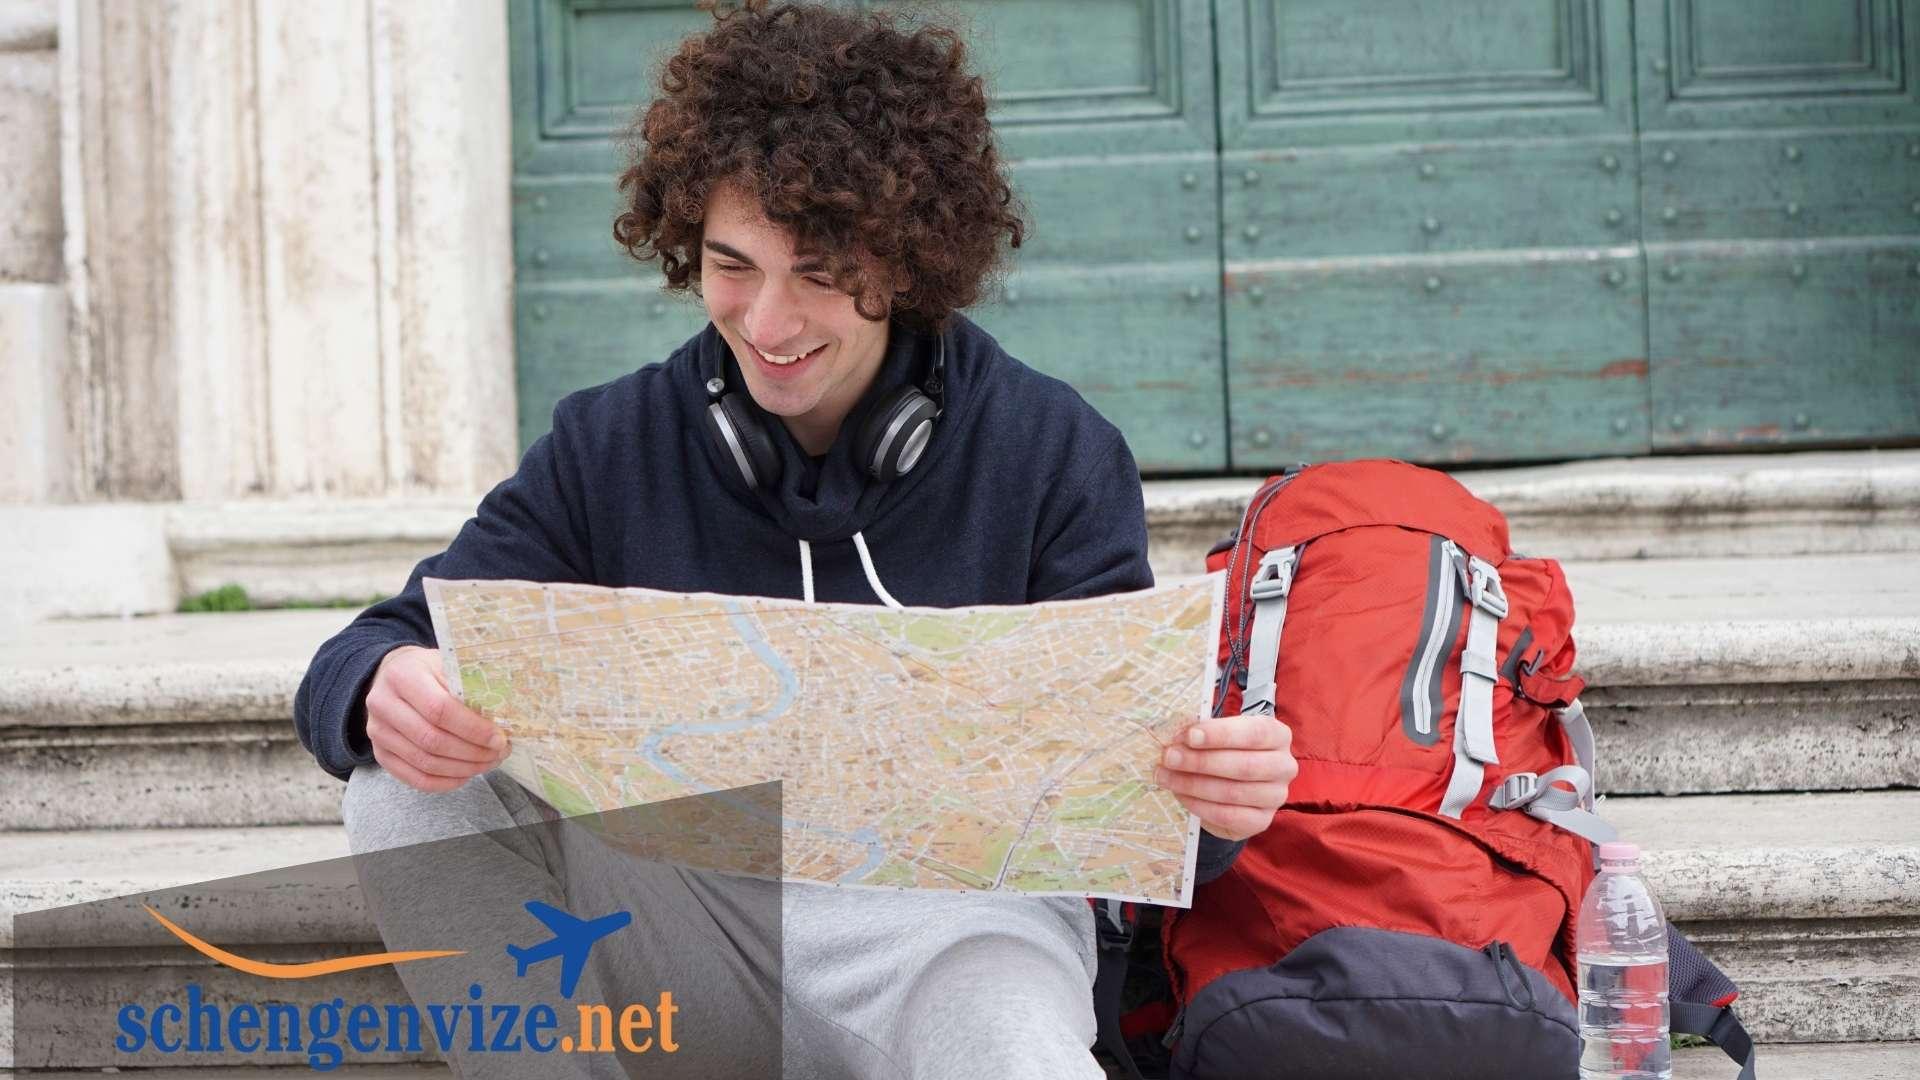 İtalyan Turistik Vize Başvuru Süreci Ne Kadar Zamanda Sonuçlanır?